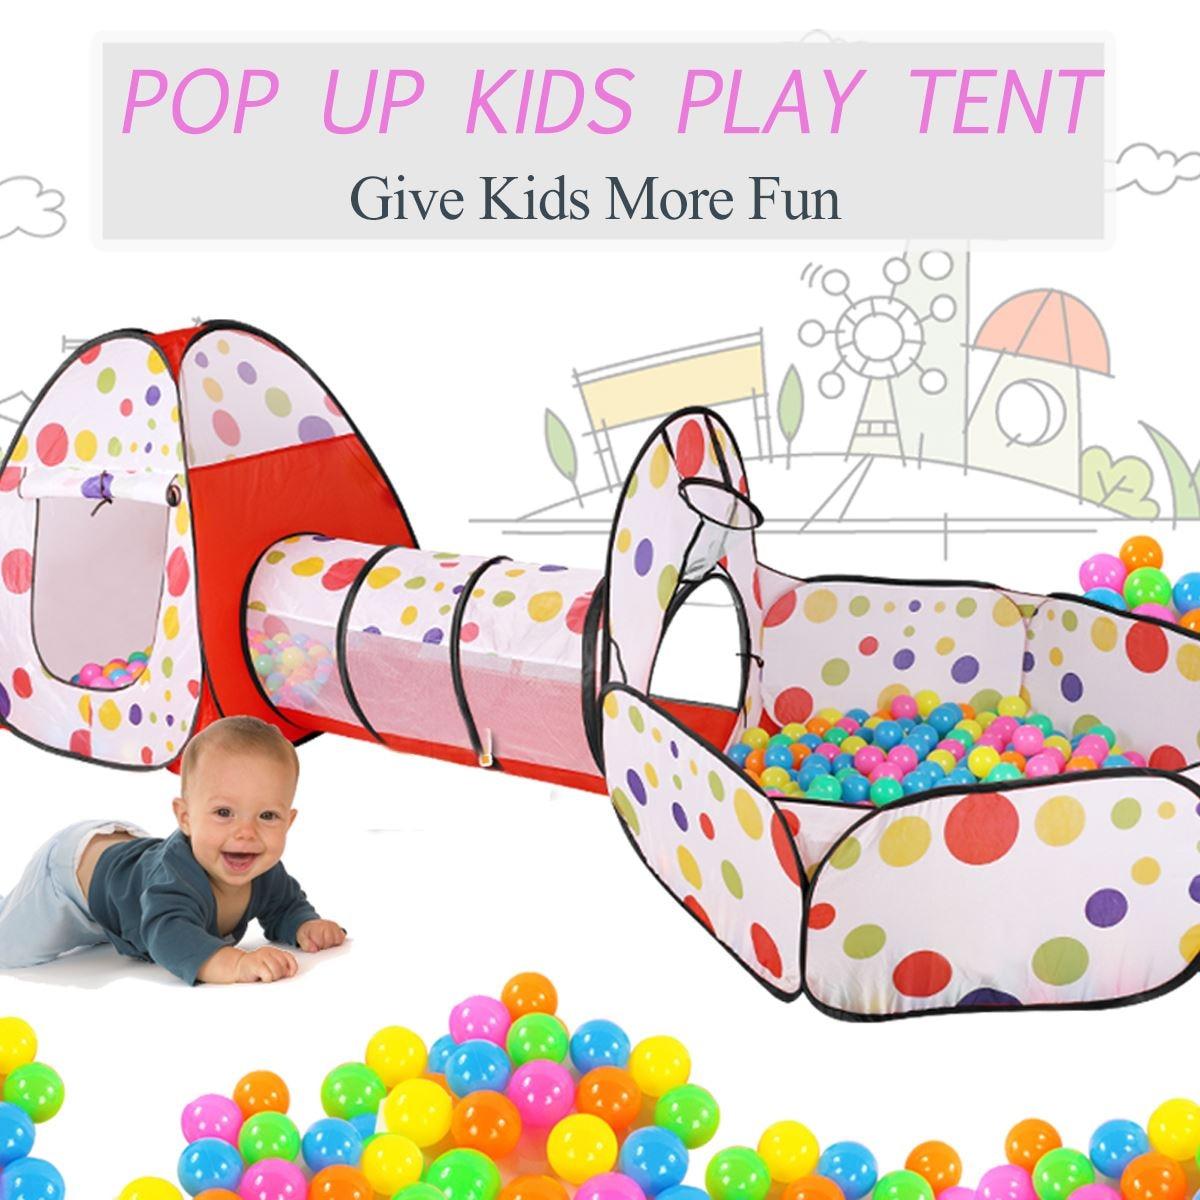 3-в-1-Pop Up Play палатка Playhouse Tunnel шариками ребенка играть Подарок Детям Крытый Открытый театр дети играют игровой игрушки